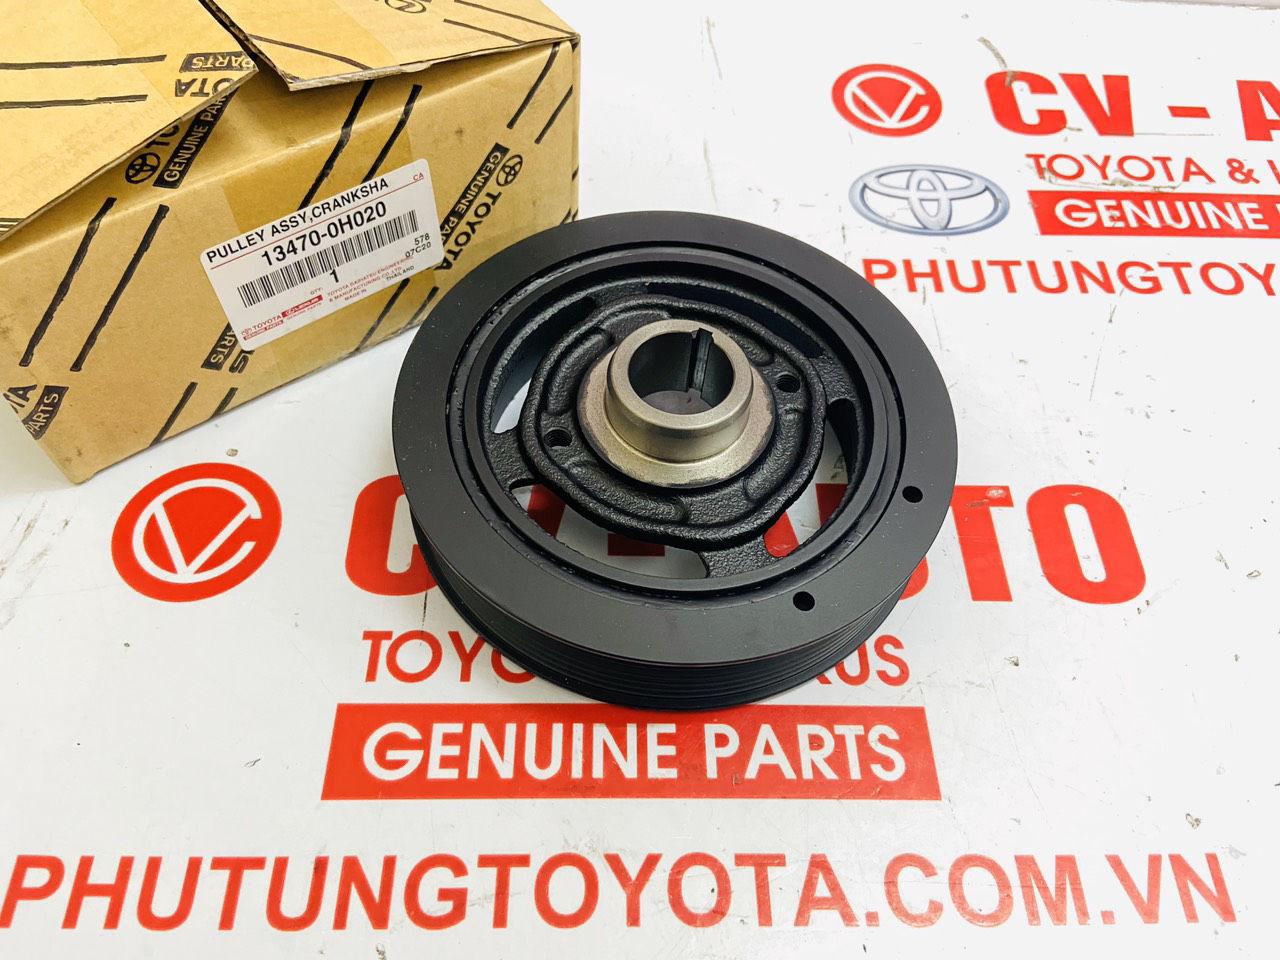 Picture of 13470-0H020, 134700H020 Puly trục cơ, pu ly đầu cốt máy Toyota Camry RAV4 chính hãng